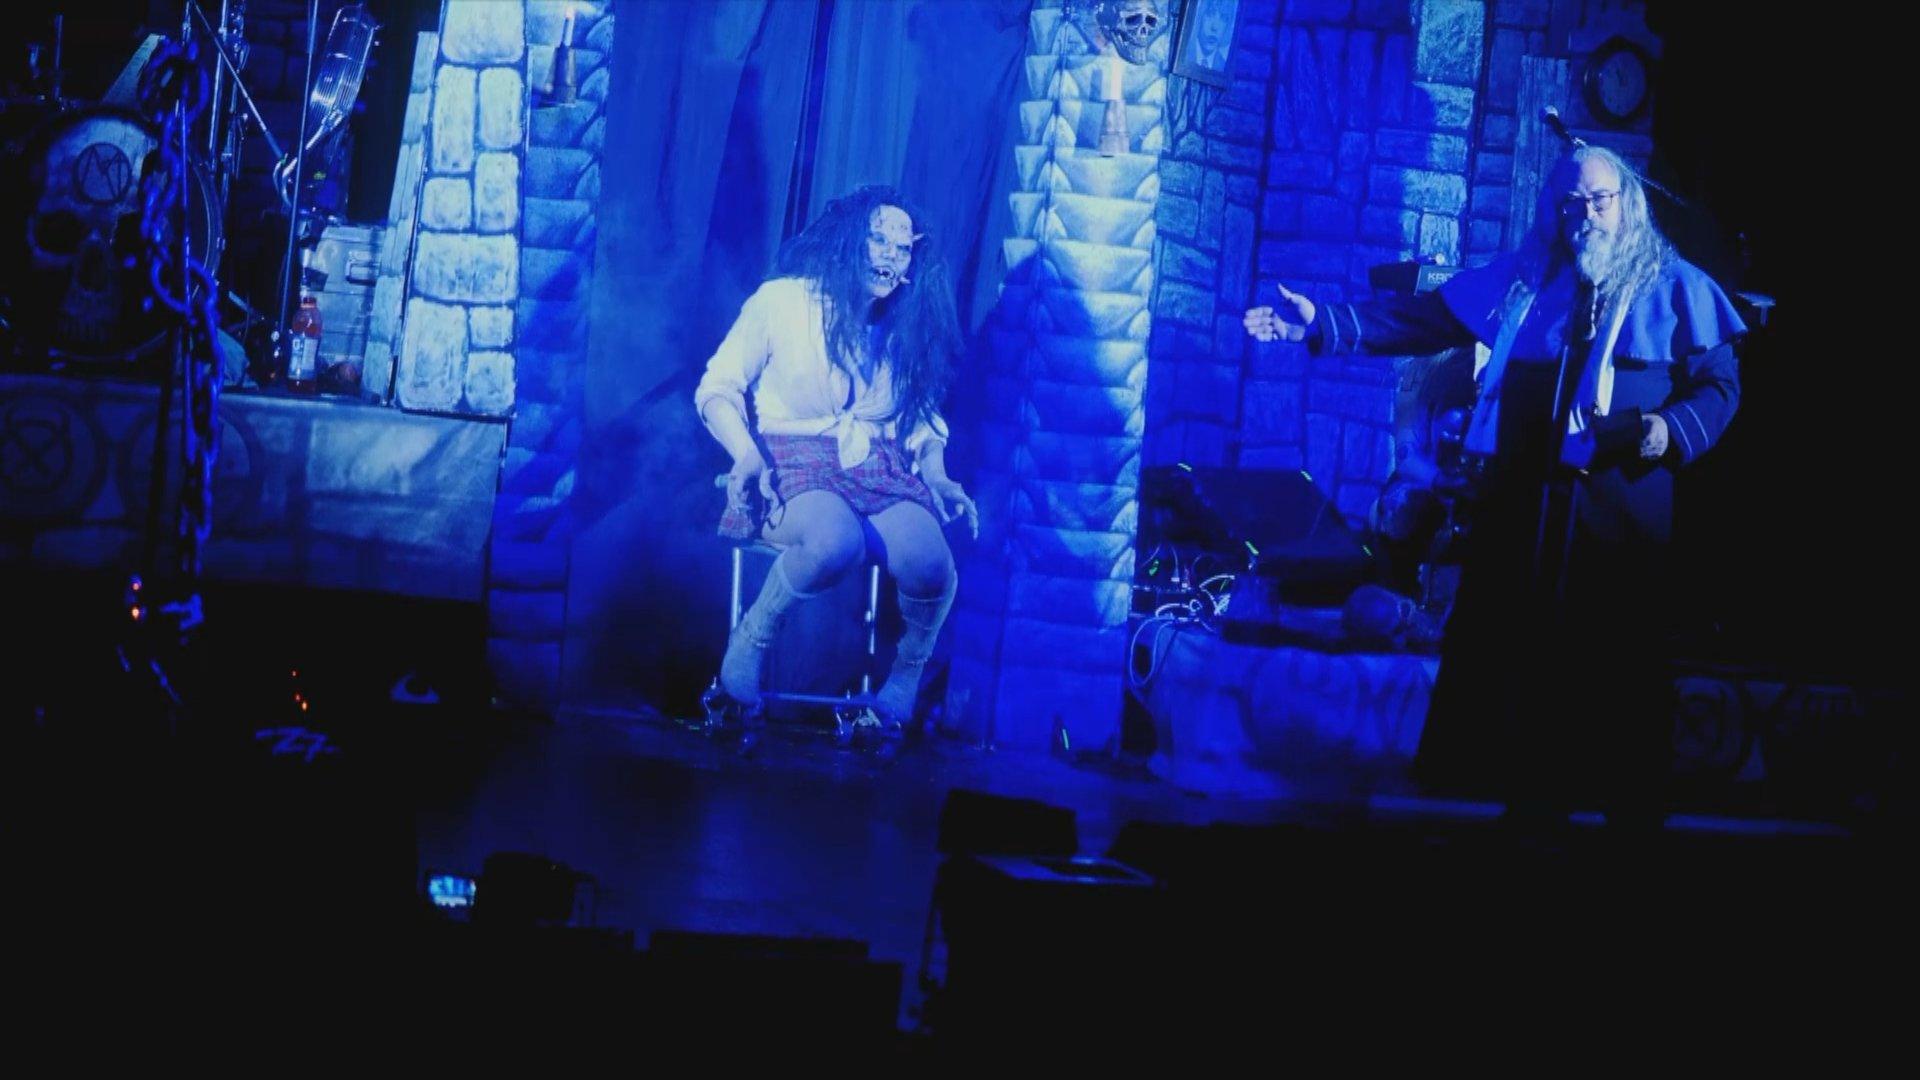 Płyta kompaktowa Lordi: Recordead Live - Sextourcism In Z7